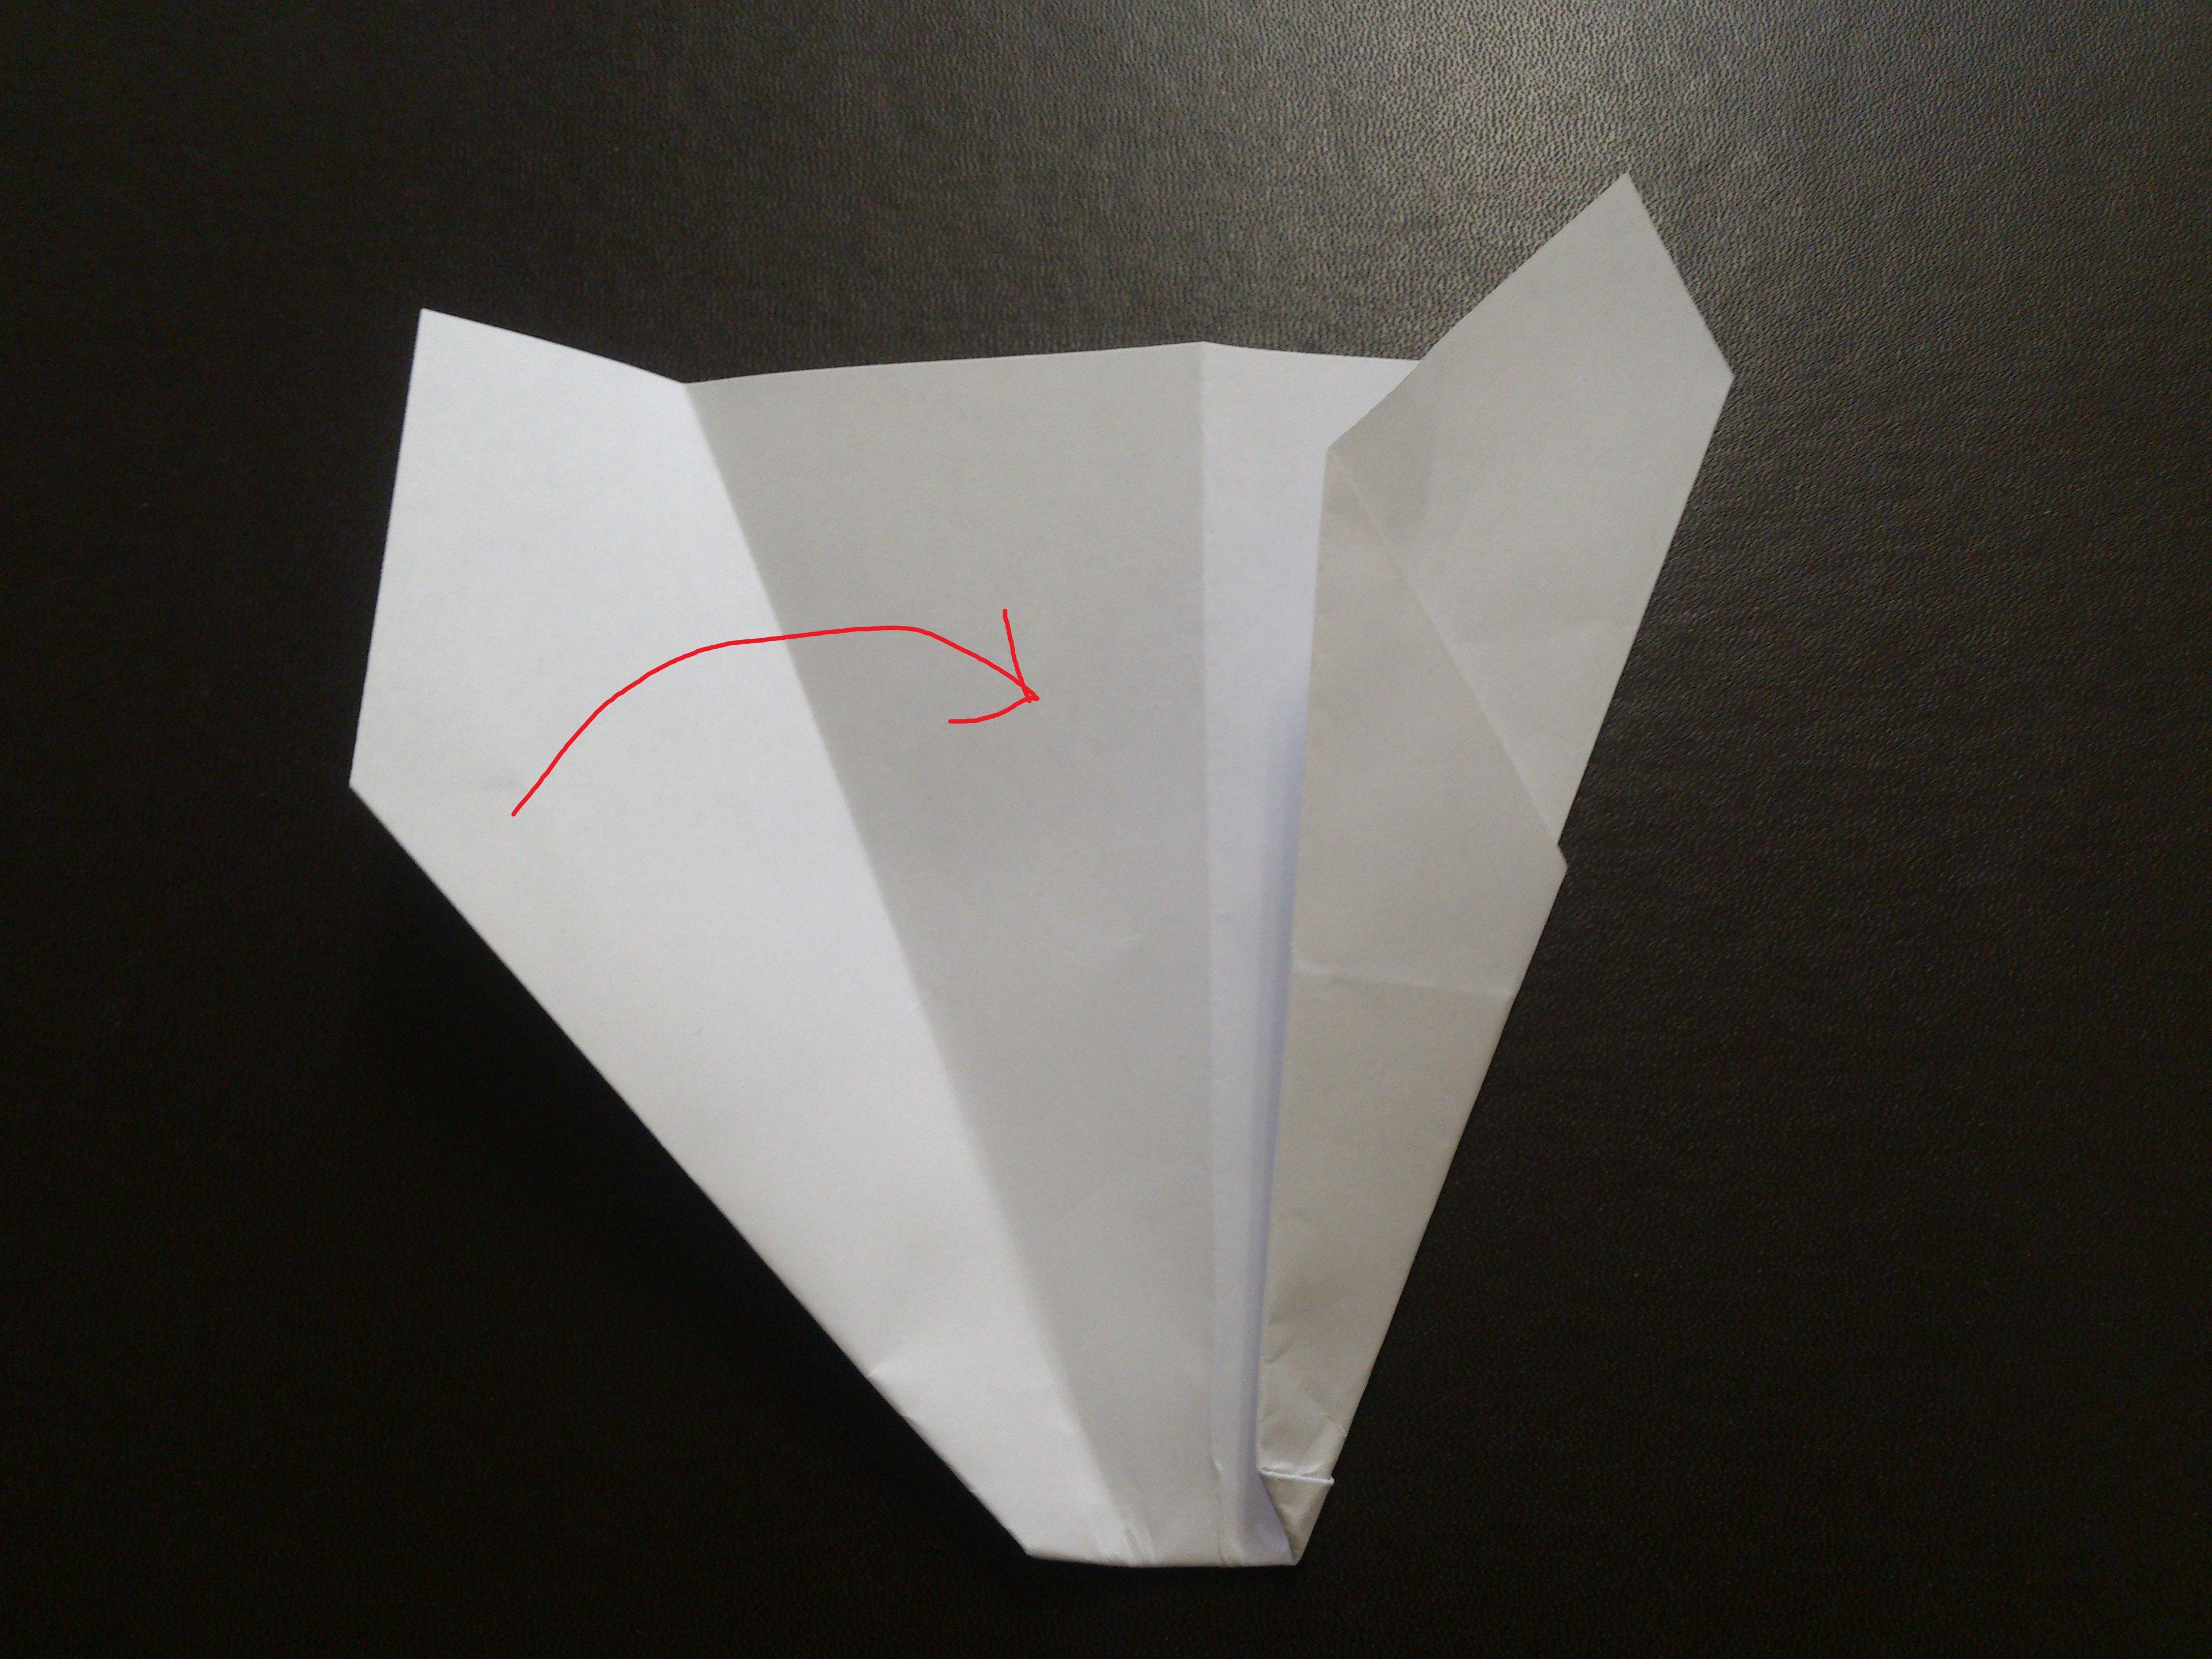 すべての折り紙 よく飛ぶ紙飛行機の折り方 : 紙飛行機のよく飛ぶ折り方 ...